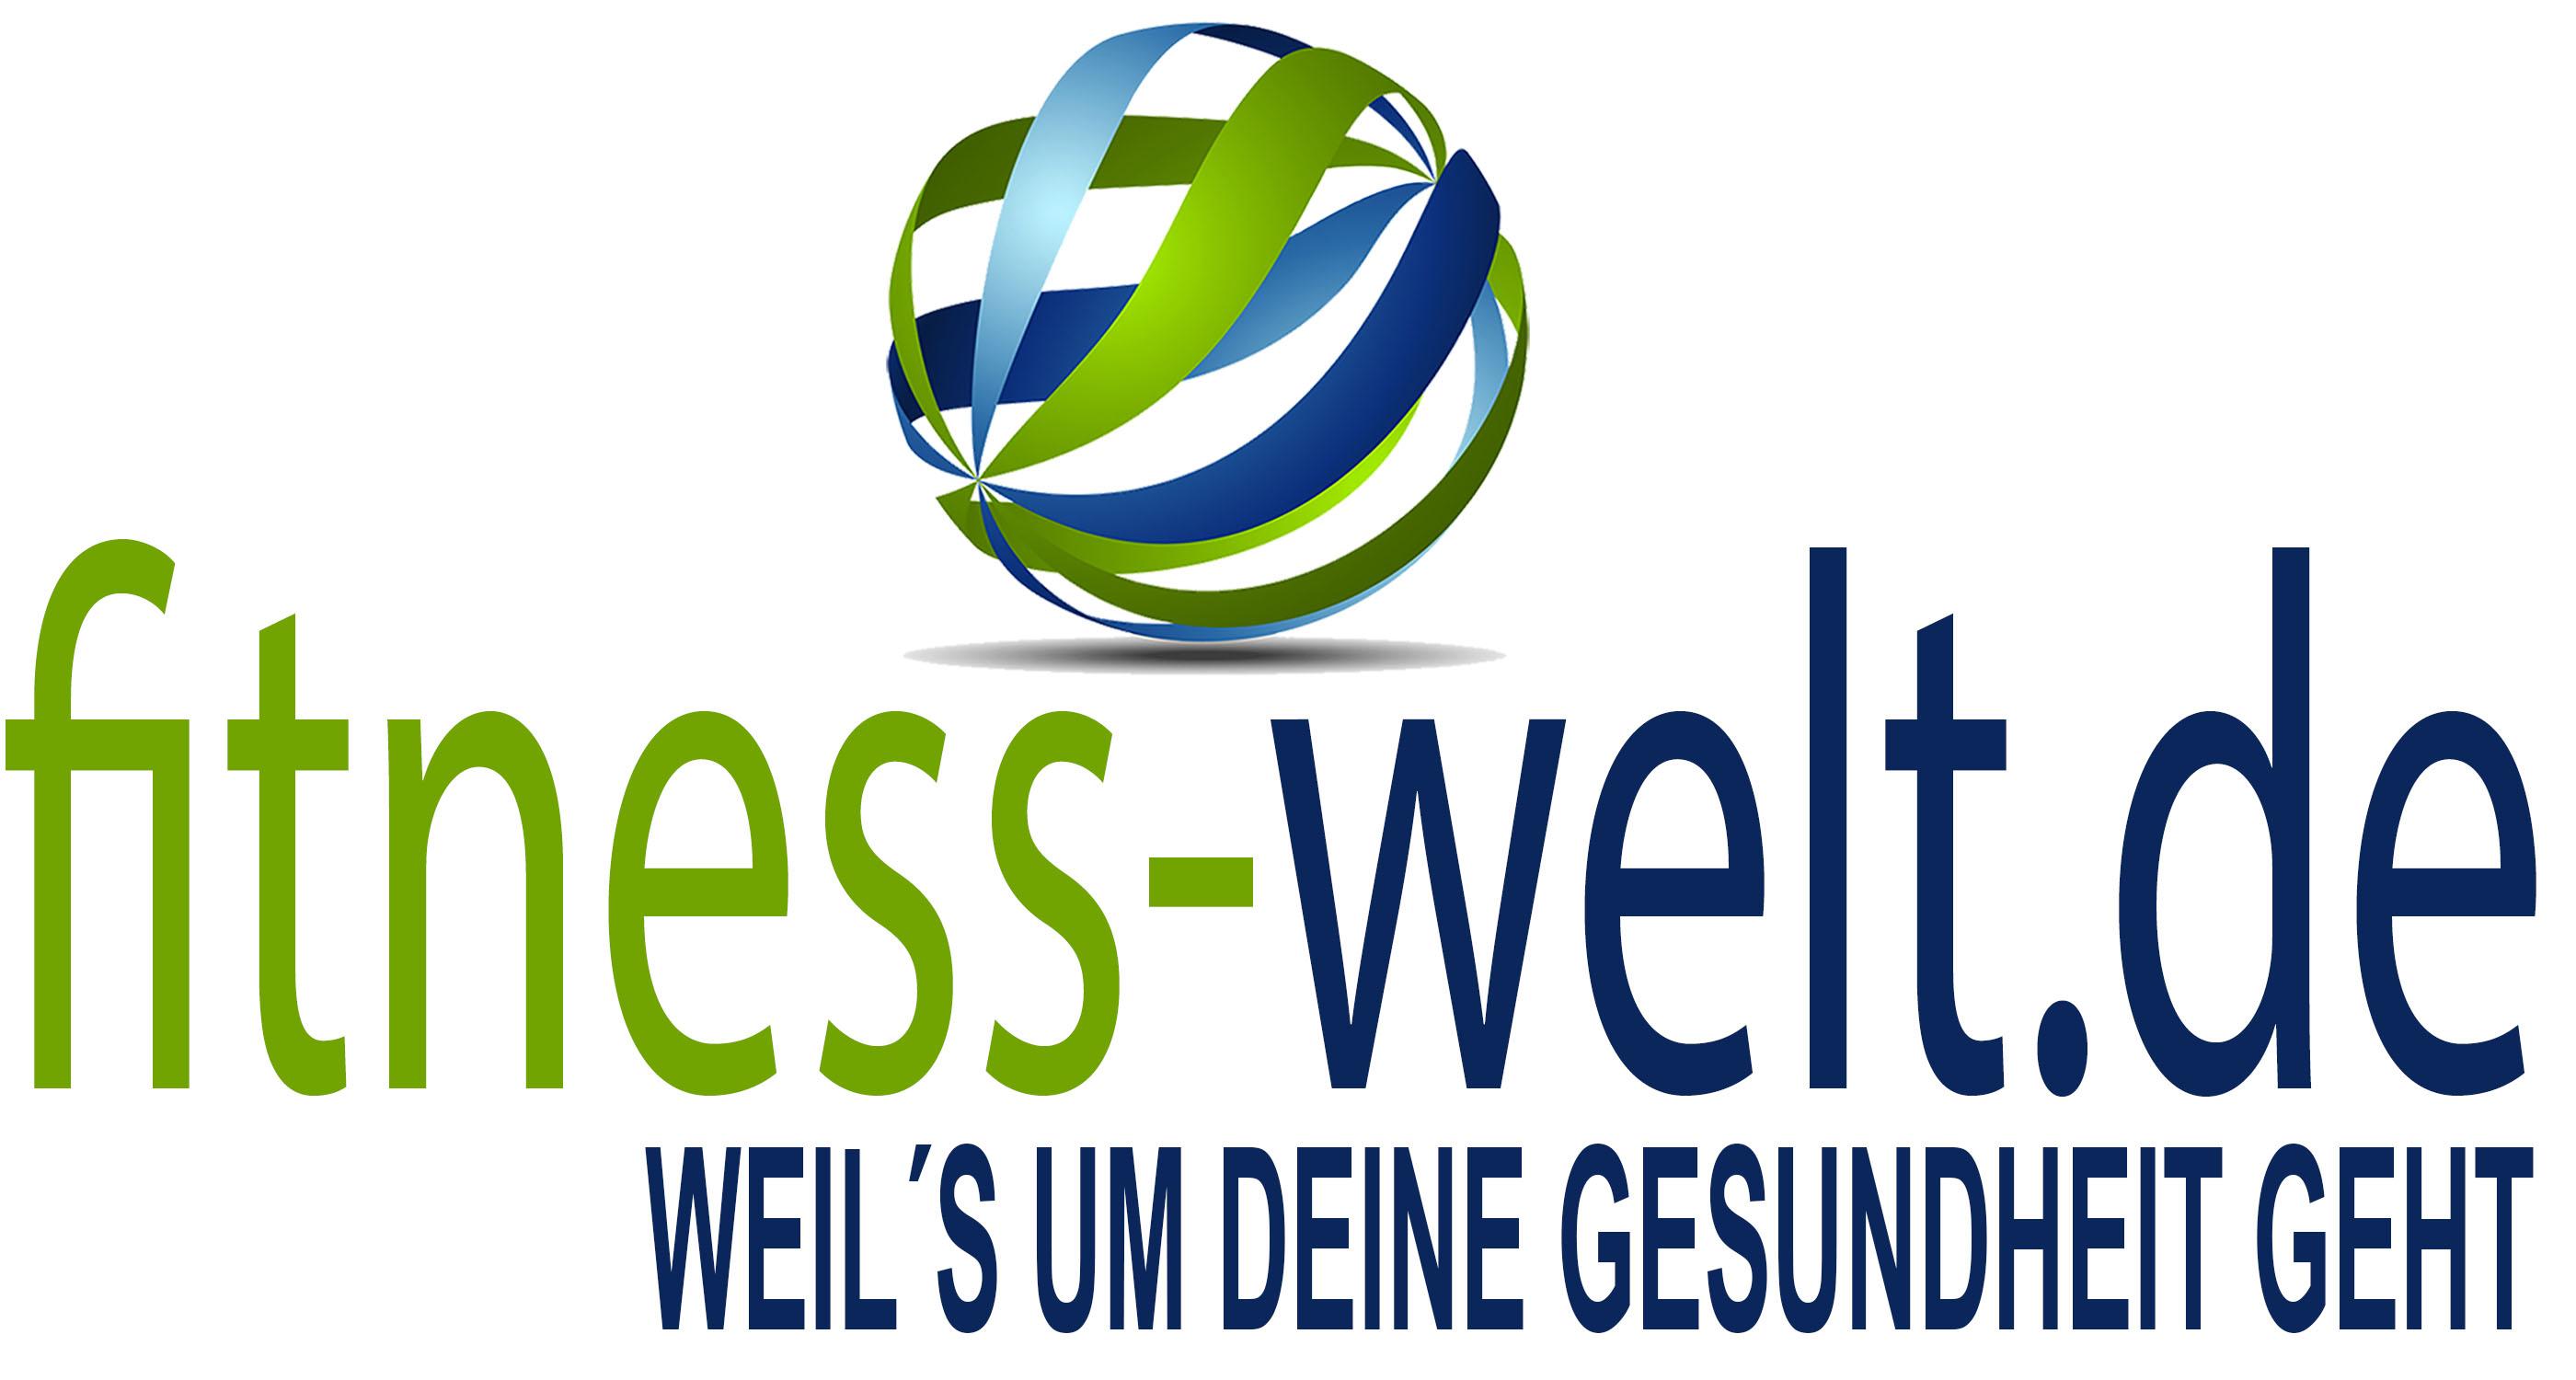 Fitness-welt.de - Online Shop für Sportartikel rund um die Welt von Sport und Fitness